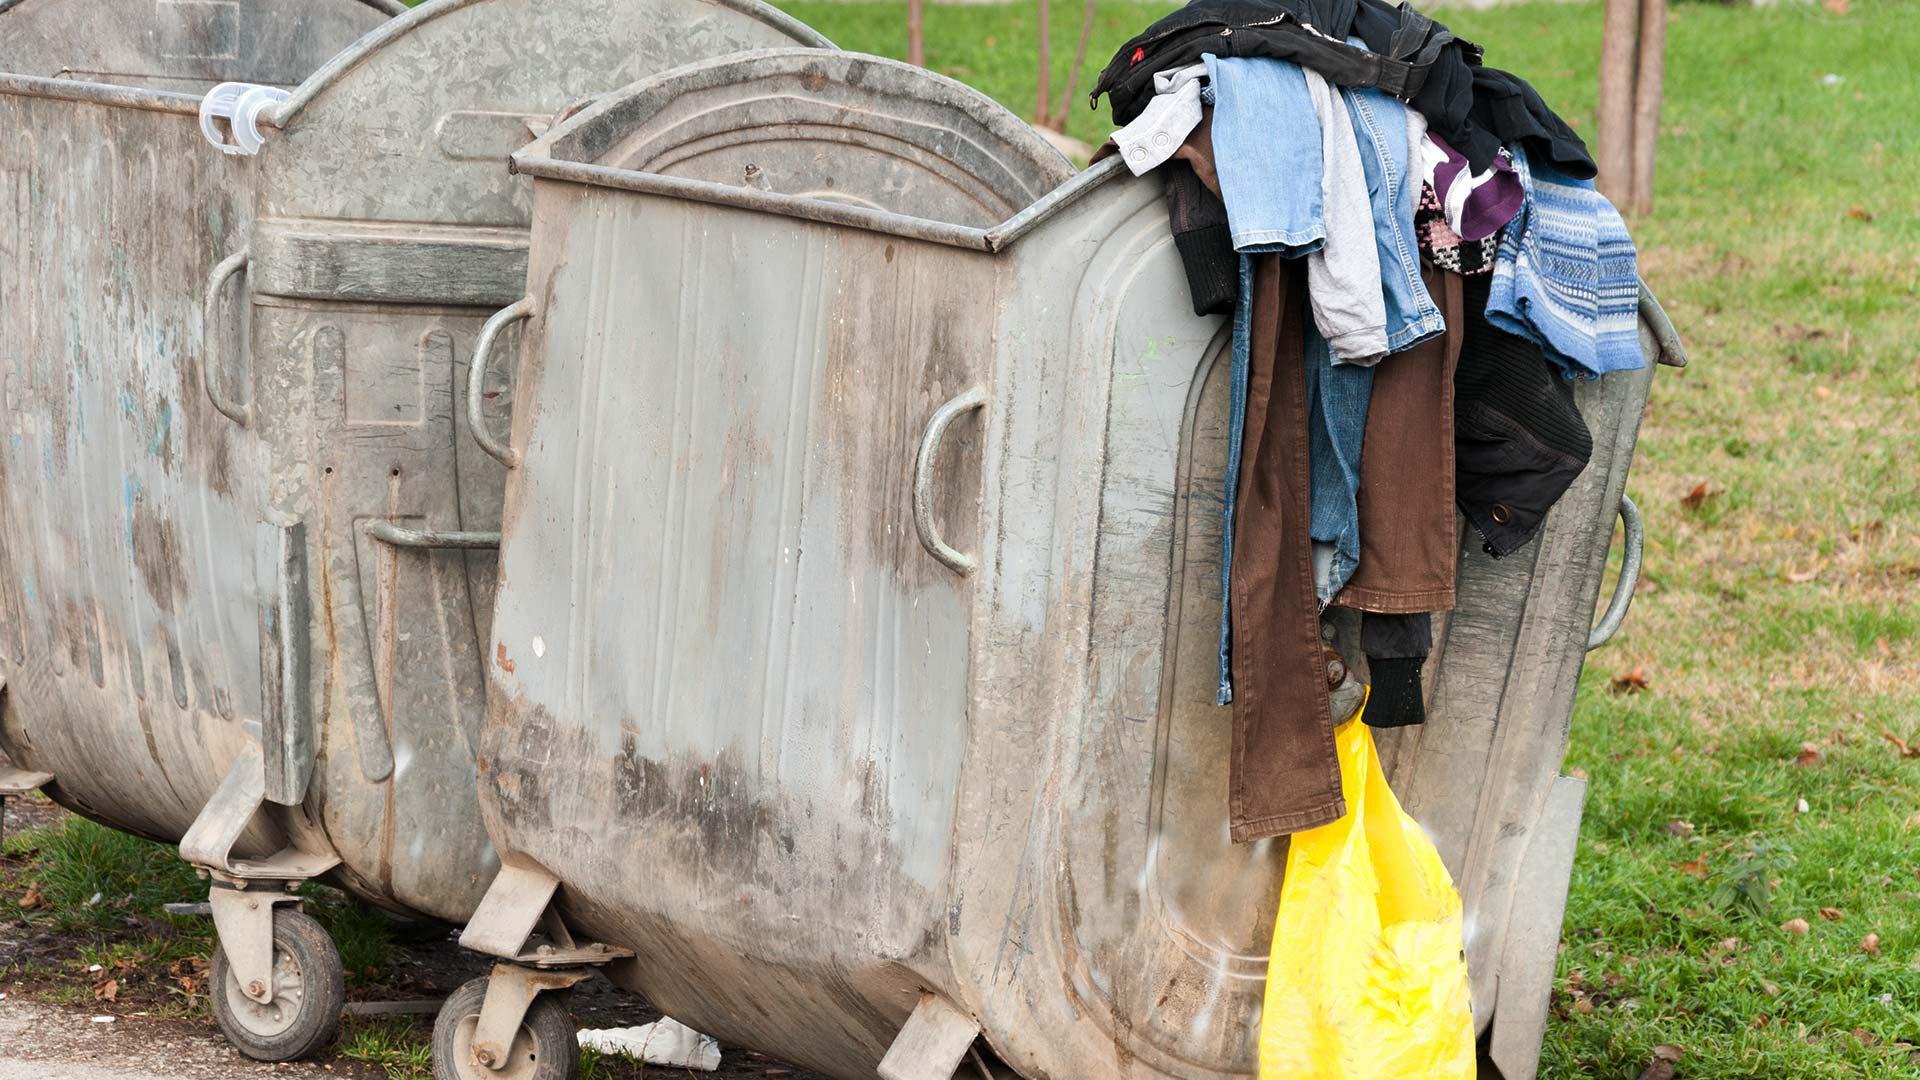 Recycleren van kledij